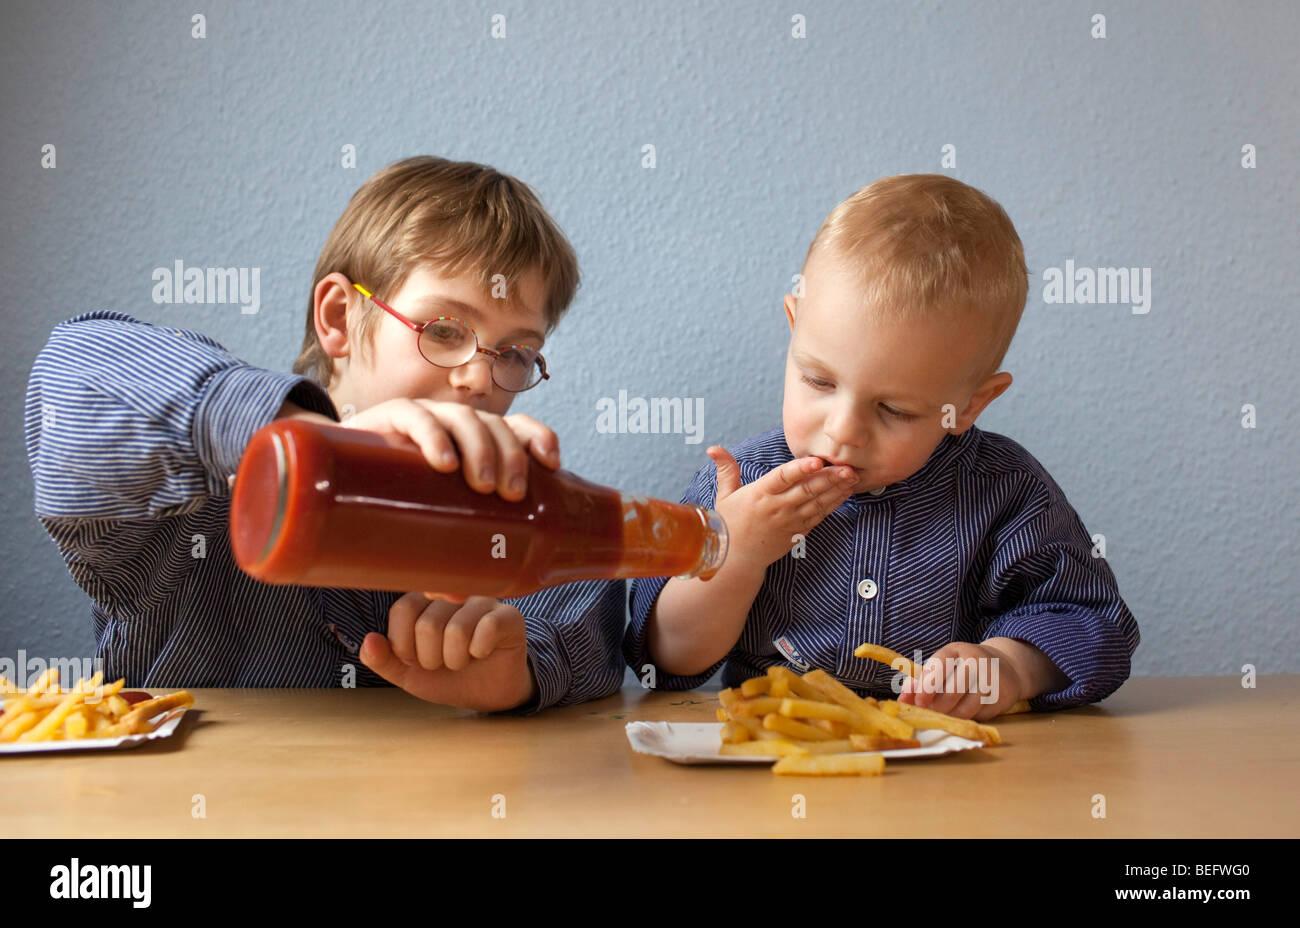 Kinder Essen Pommes Frites Mit Ketchup Stockbild